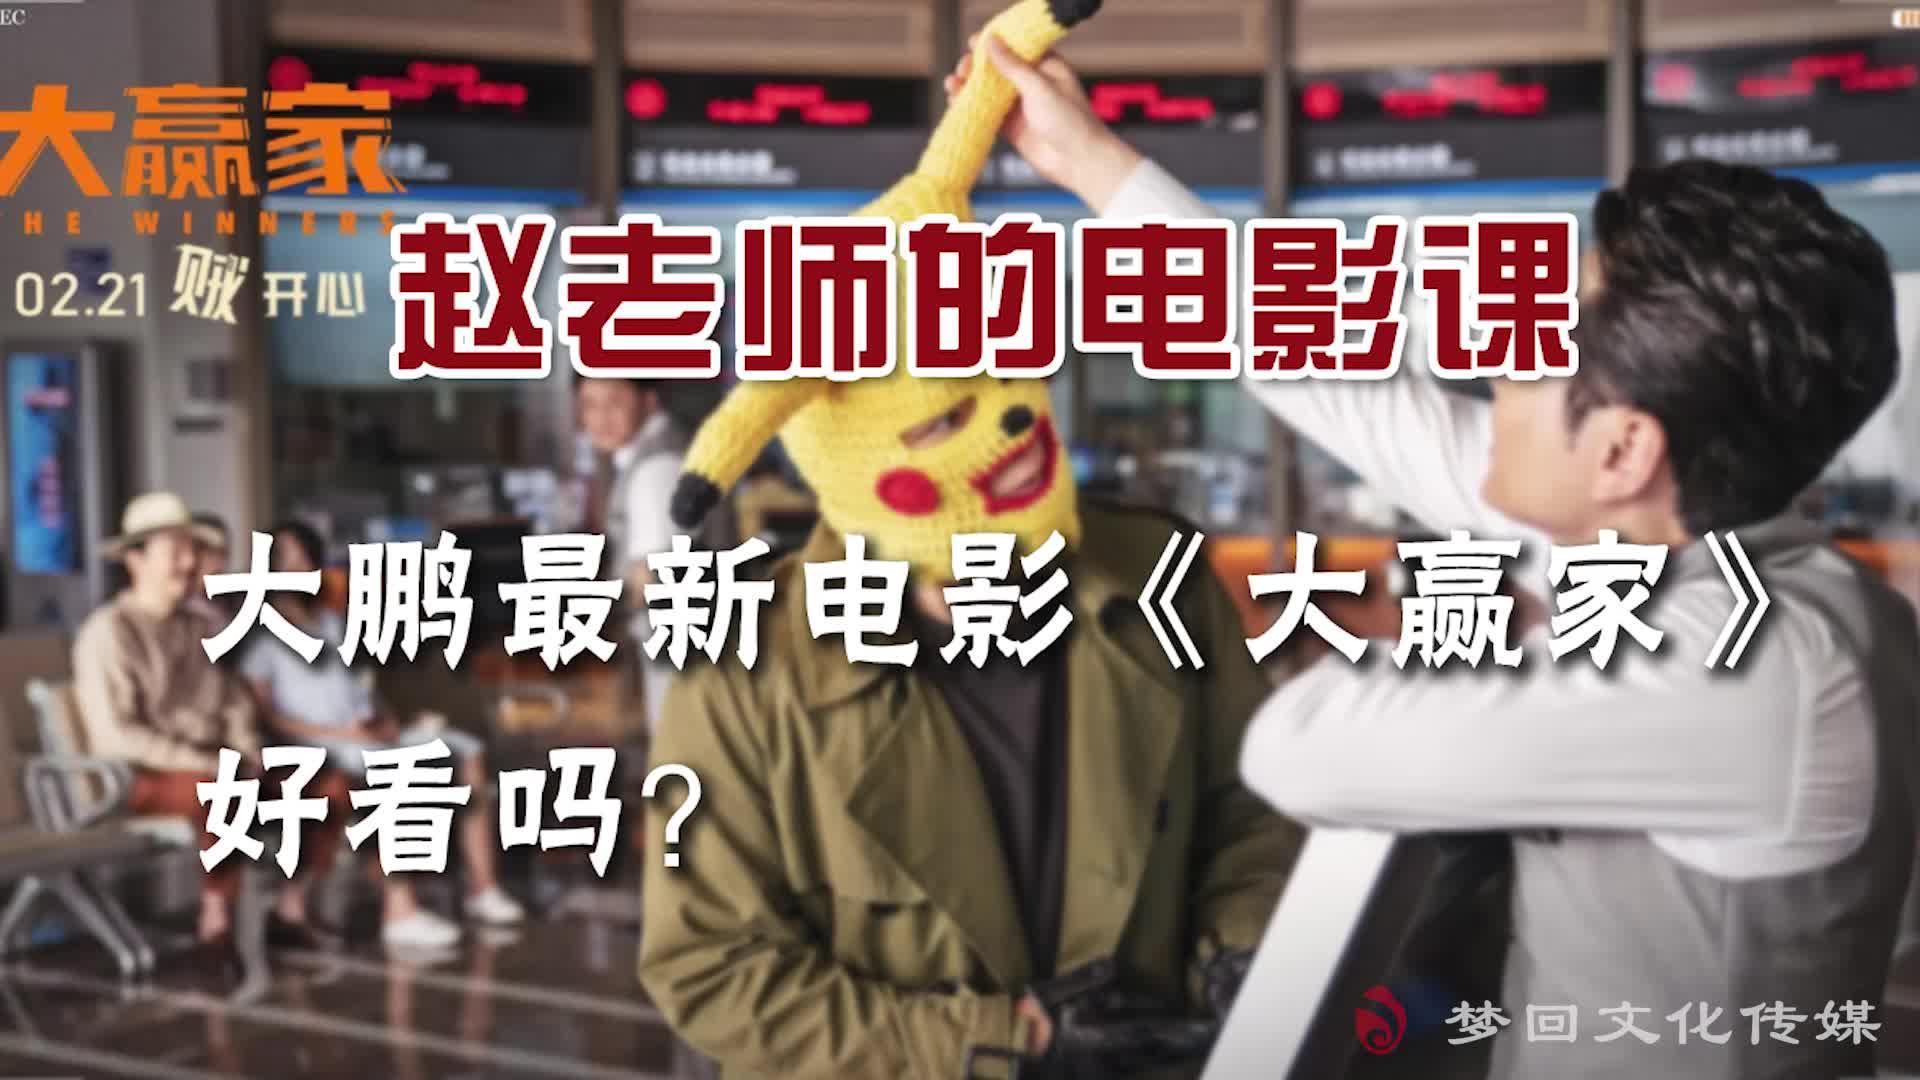 【赵老师的电影课】大赢家